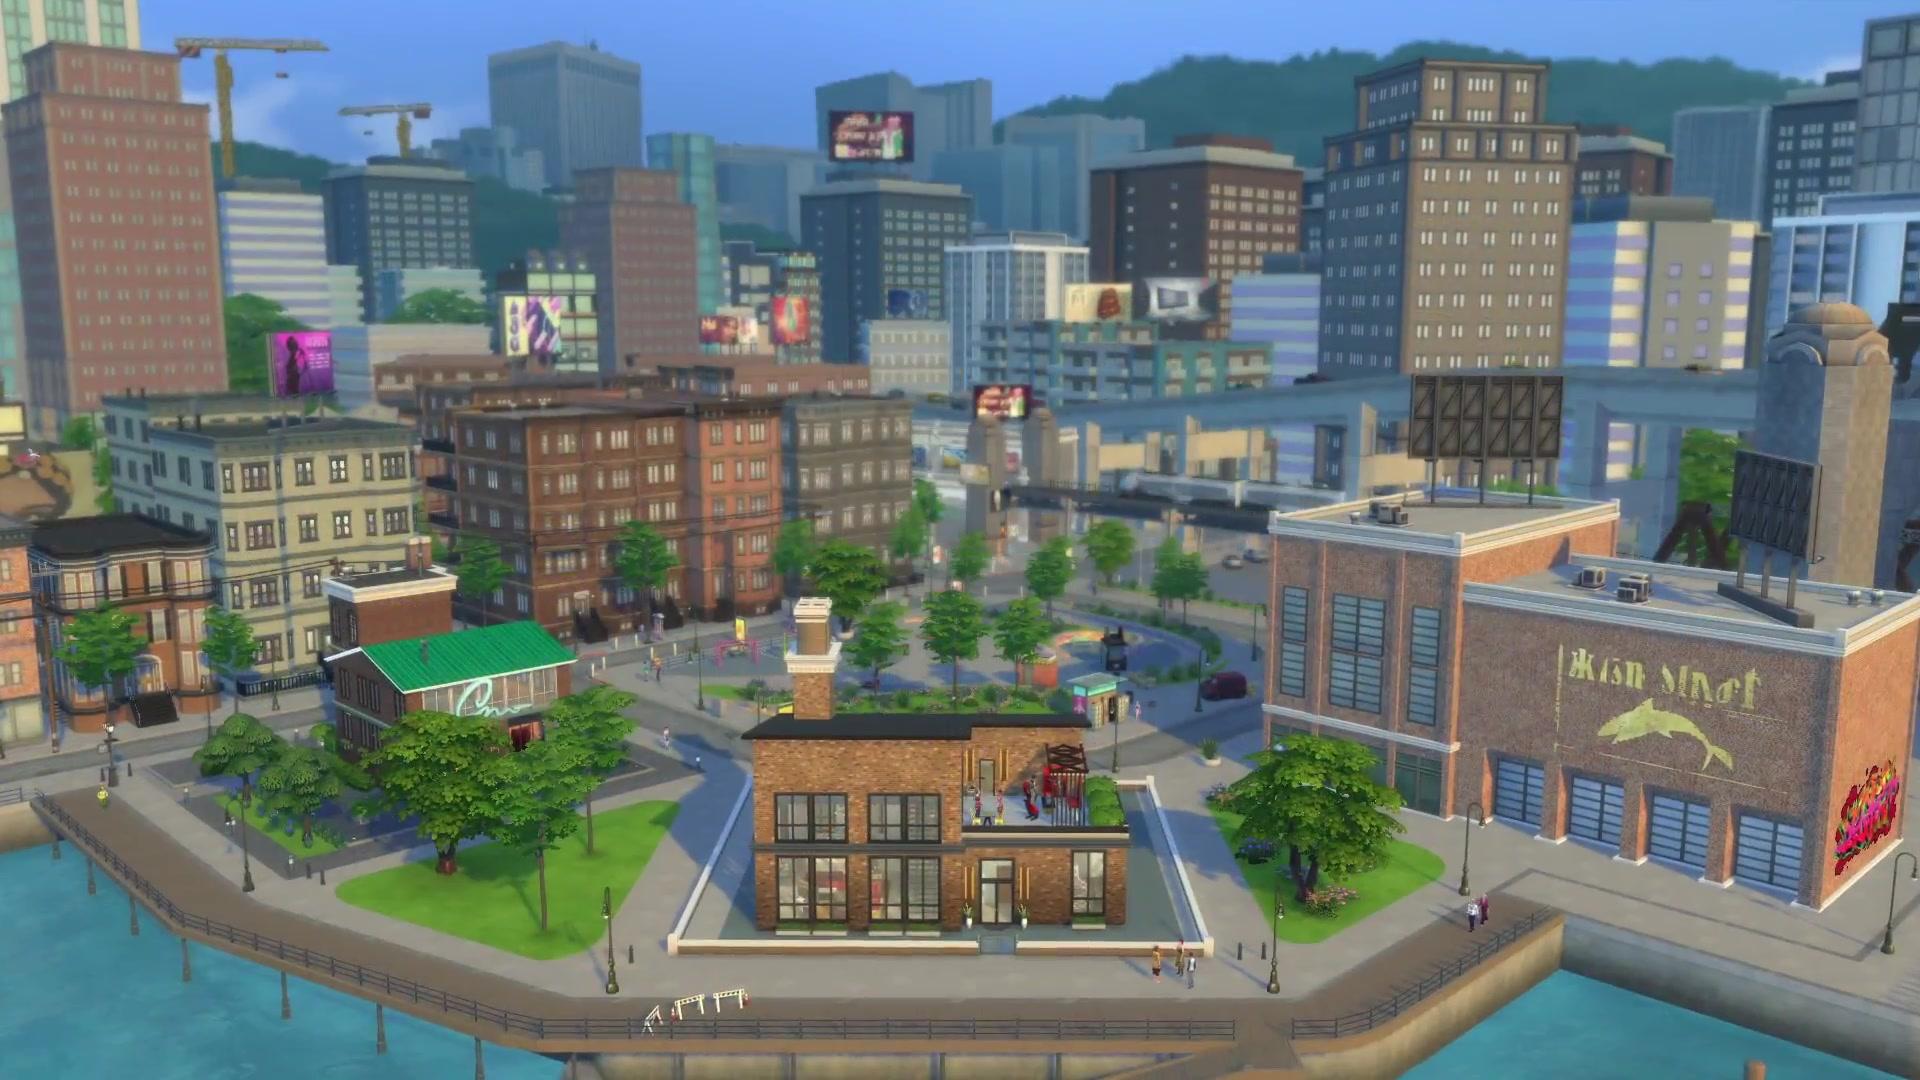 Gambar terkait dari Game The Sims 4 City Living